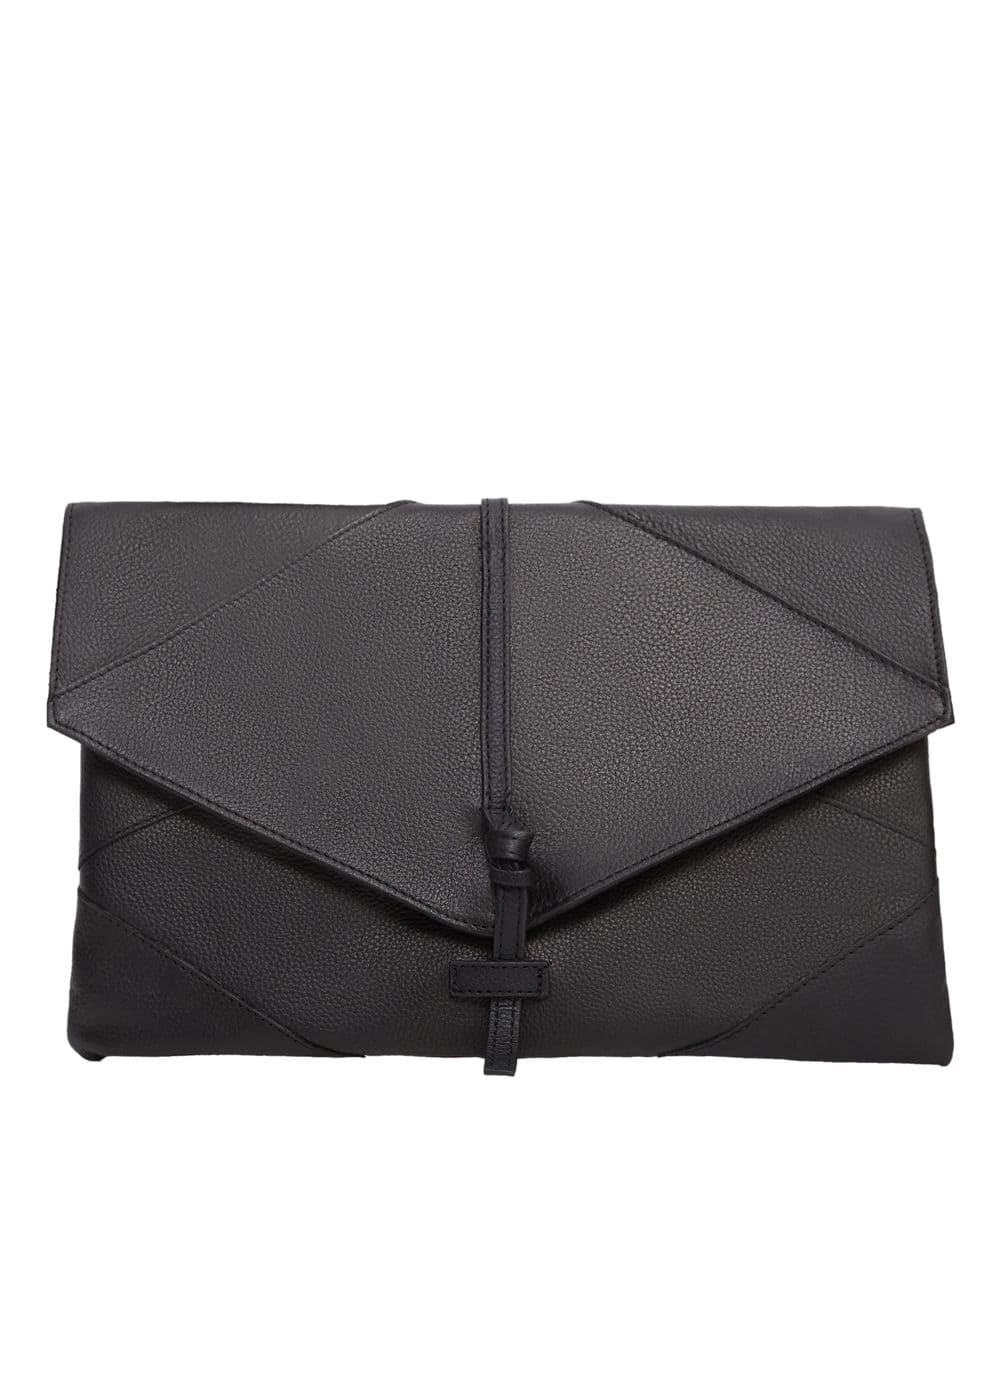 4504c0a92eb34 Kapaklı deri zarf çanta - Kadın   Mango Türkiye